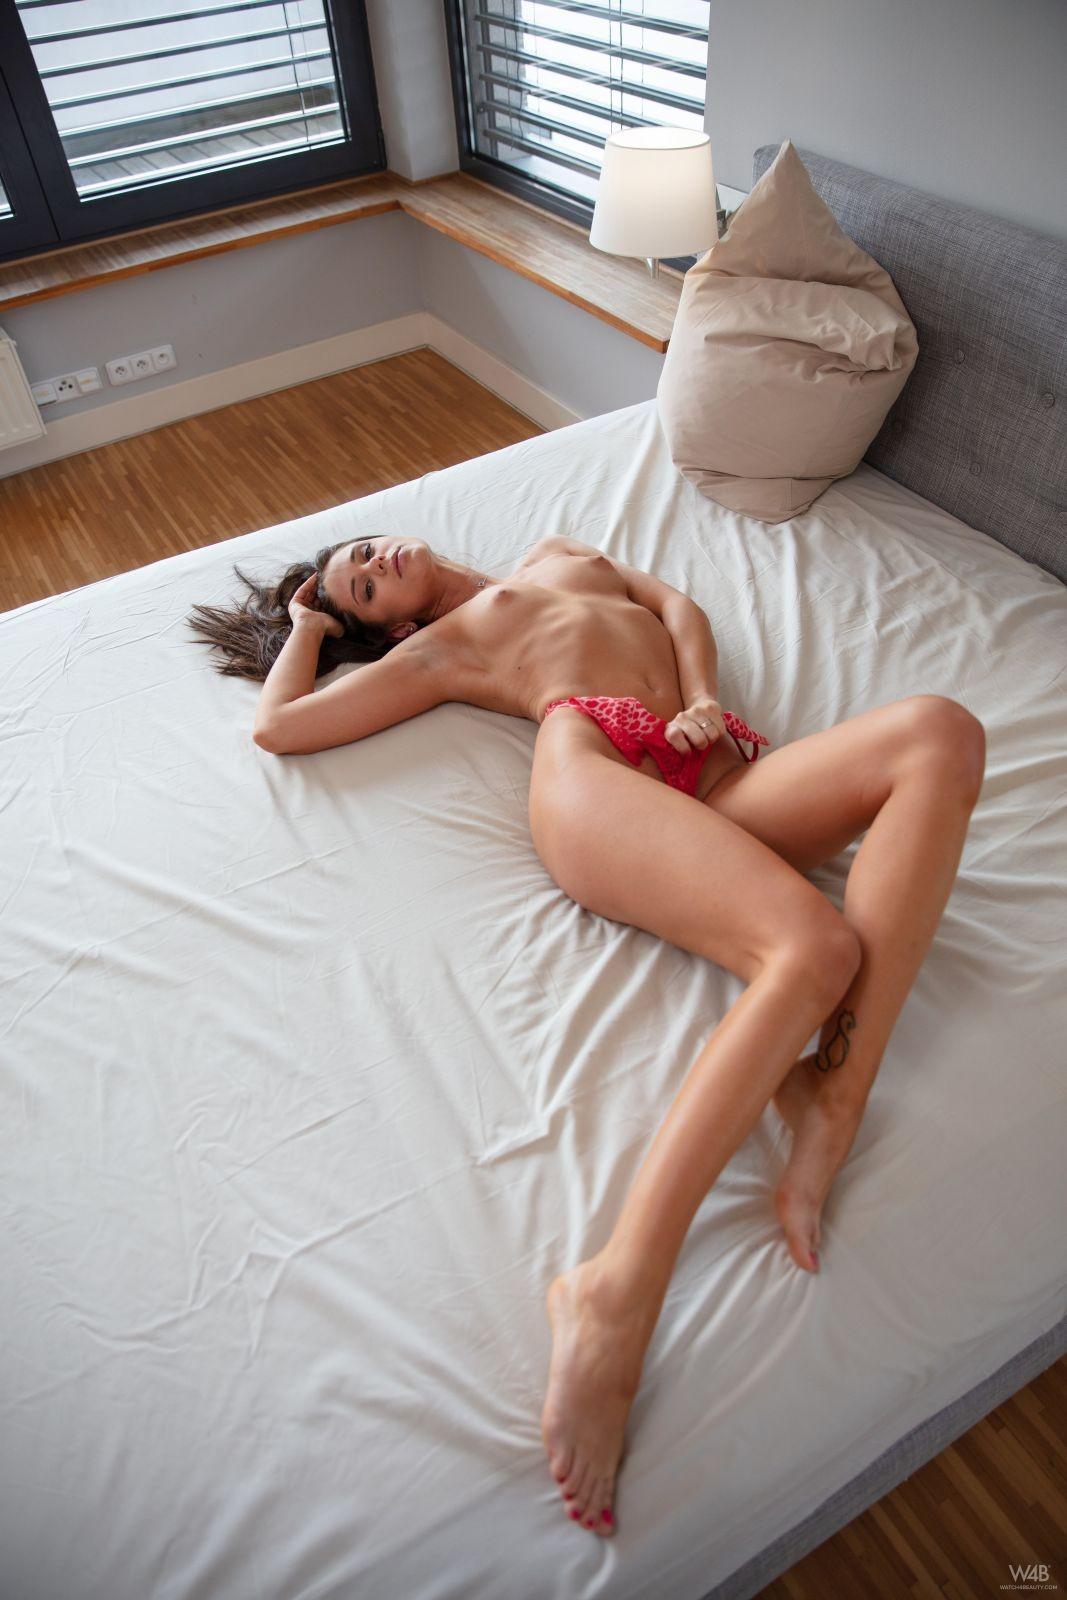 Худая милашка в боди на большой кровати - фото